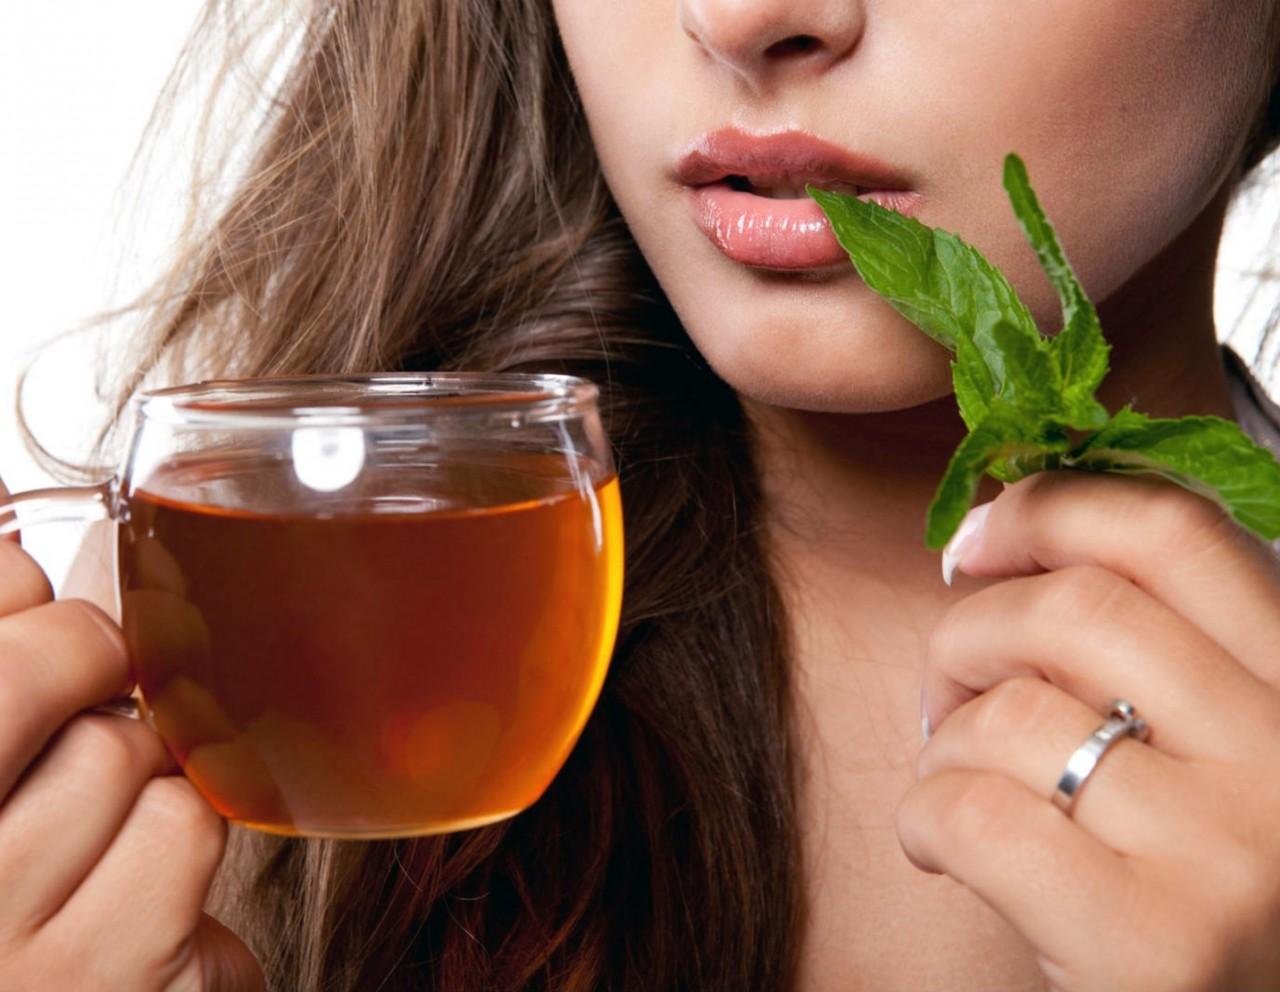 Картинки по запросу Регулярное питье мятного чая придает коже лица свежесть и розоватый оттенок